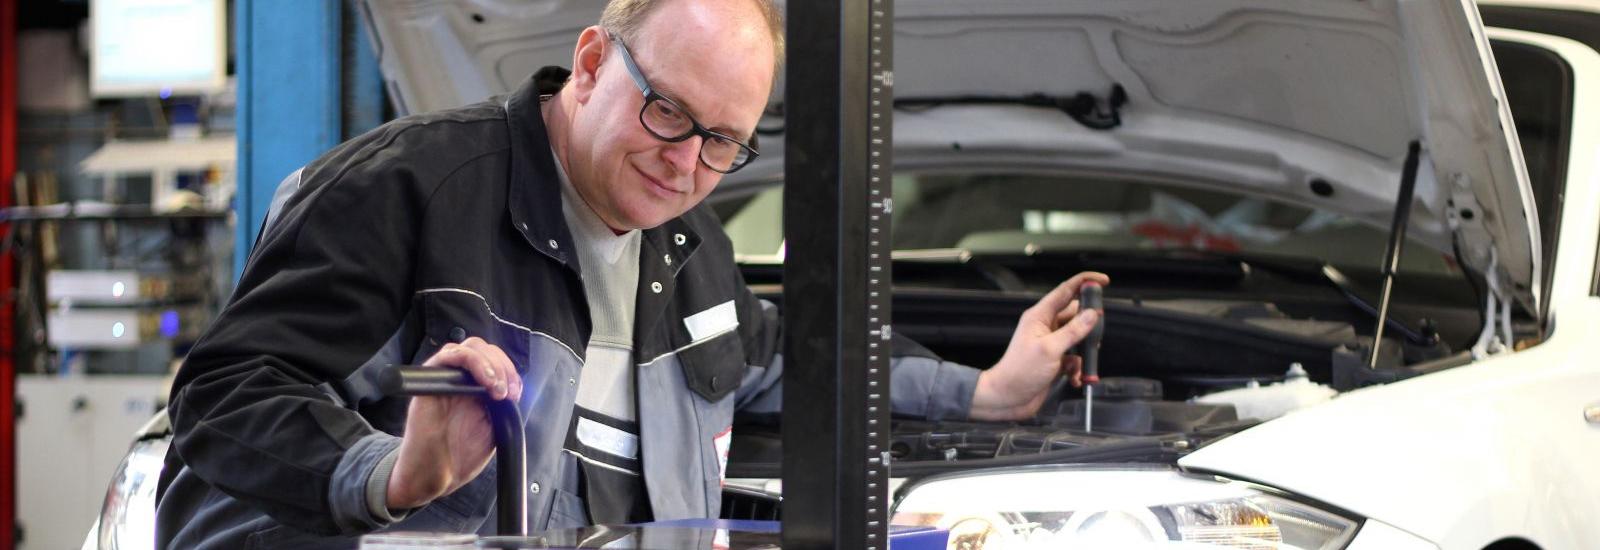 Herr Scheich bei ReparaturHerr Scheich bei Reparatur | Scheich Car Repair Center